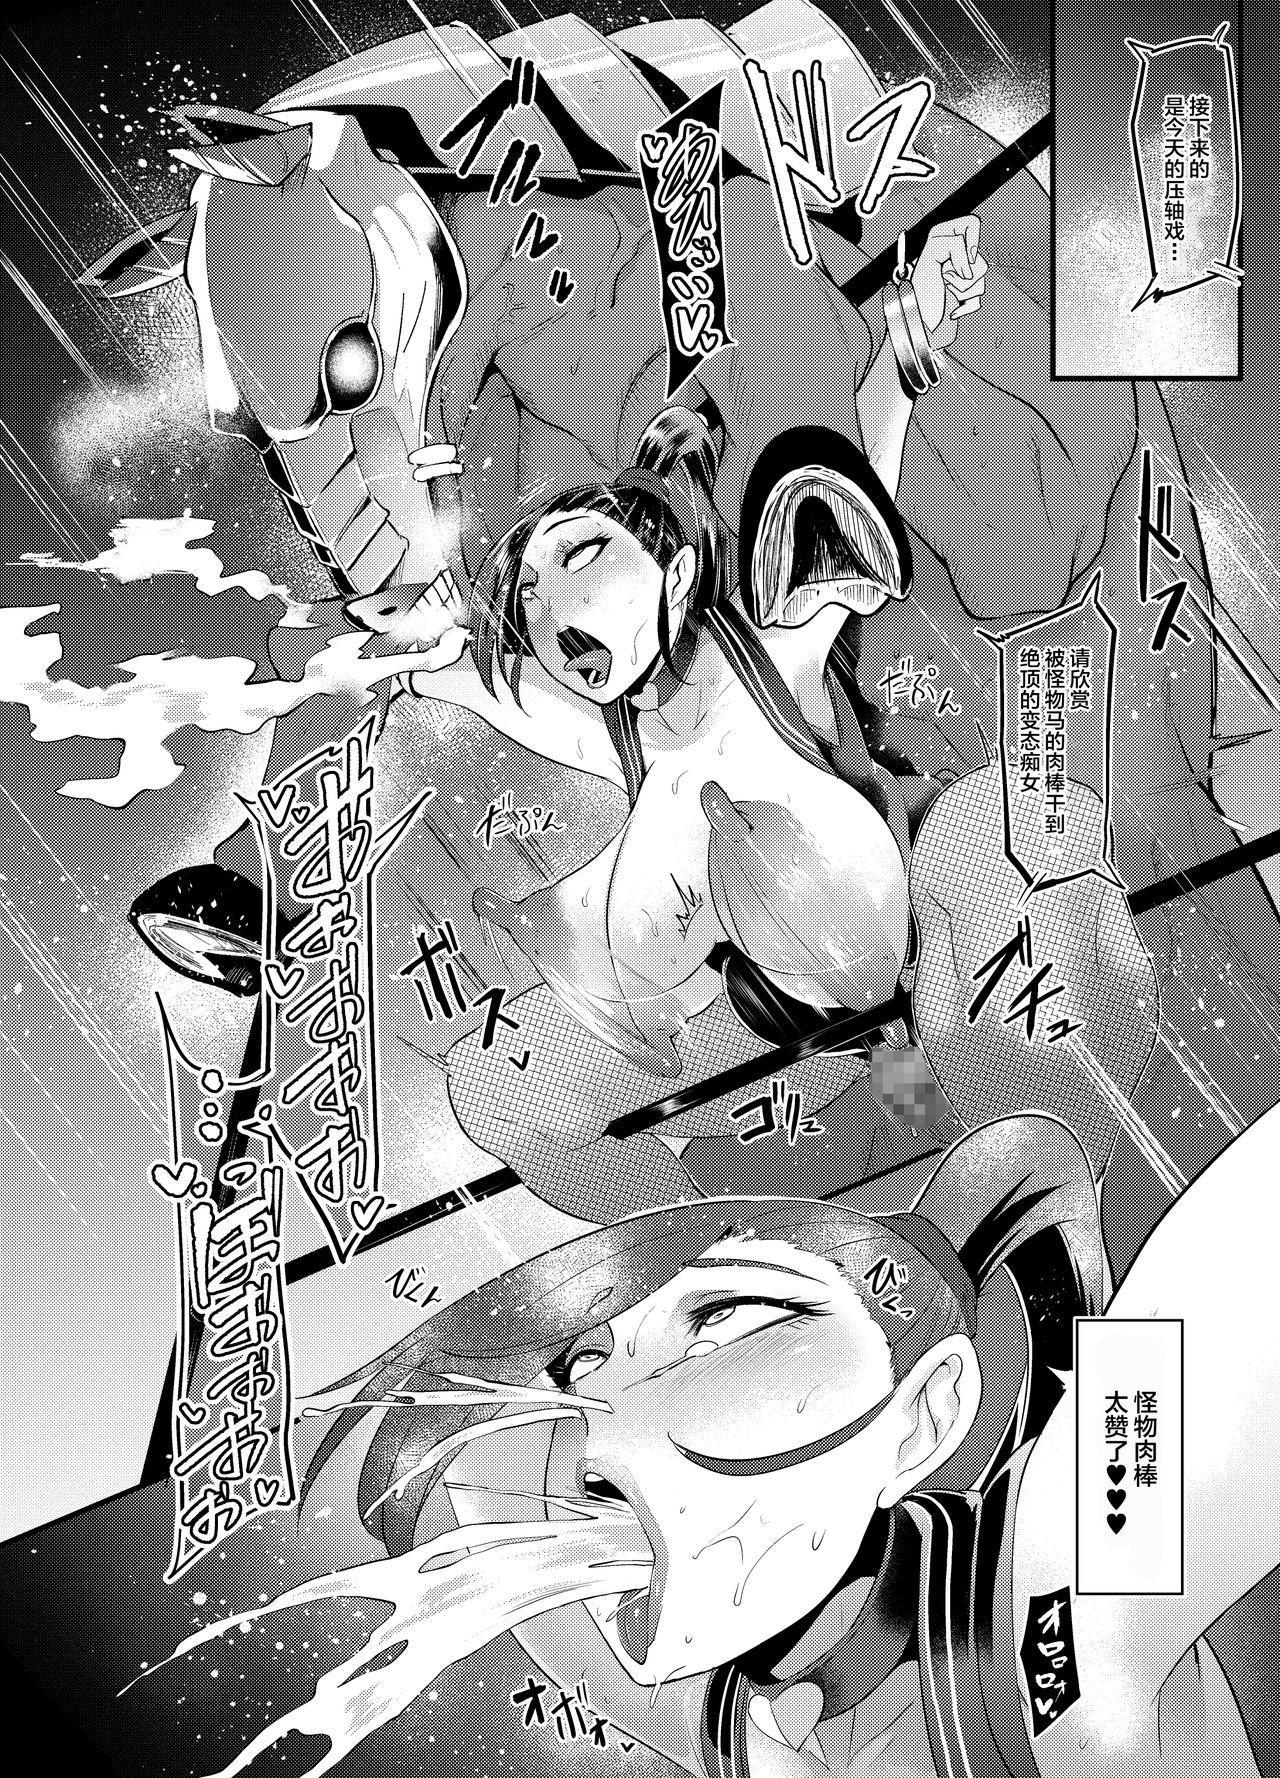 Sennou Sareta Martina ga Kairaku o Wasurerarezu Monster Chinpo ni Dohamari Suru Hanashi | 关于被洗脑了的玛露沉溺于巨根无法忘却性爱快感的二三事 23